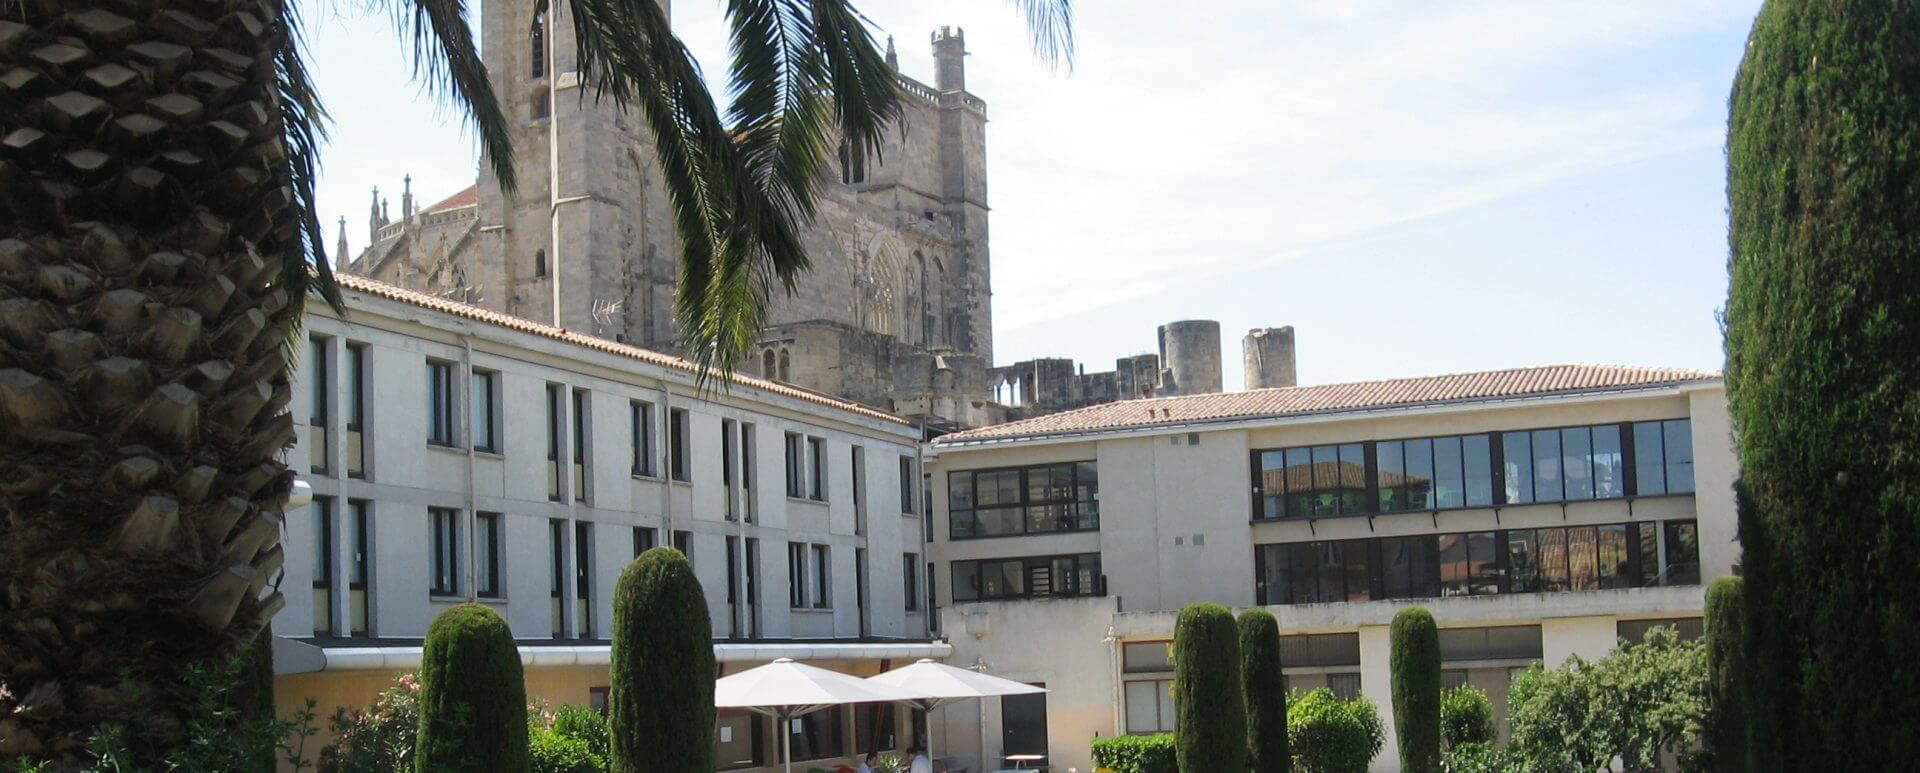 CIS de Narbonne